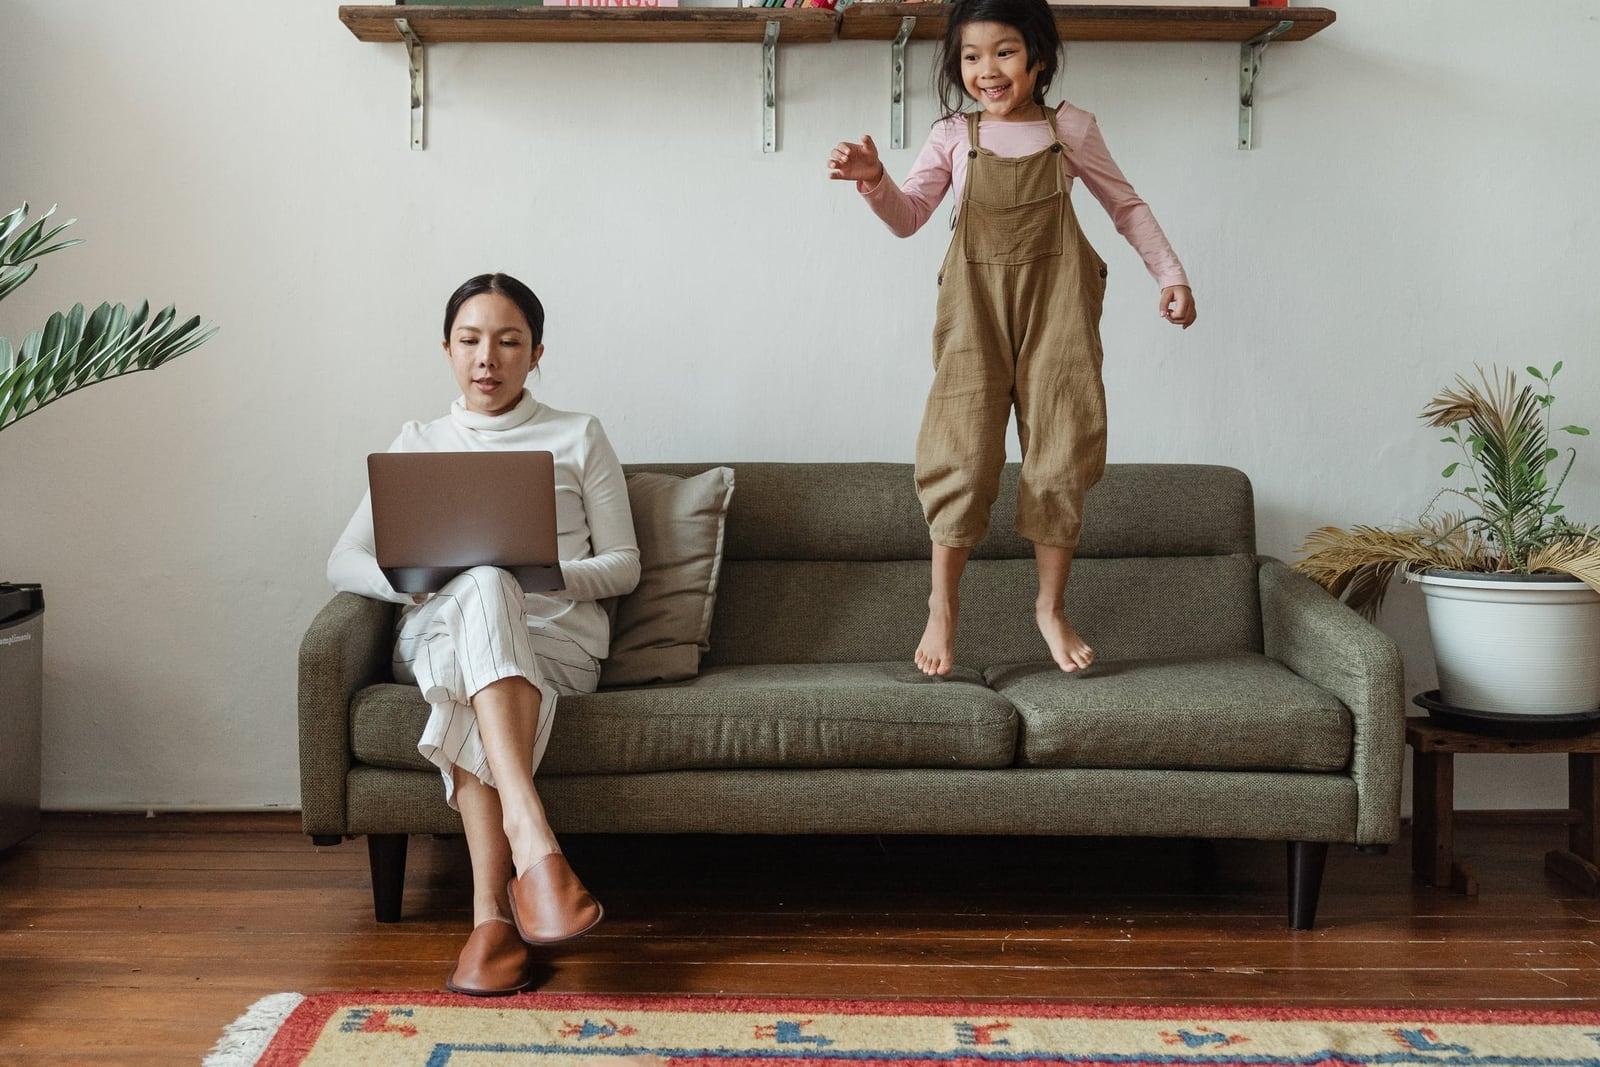 Comment gérer le Télétravail et les déplacements professionnels ?